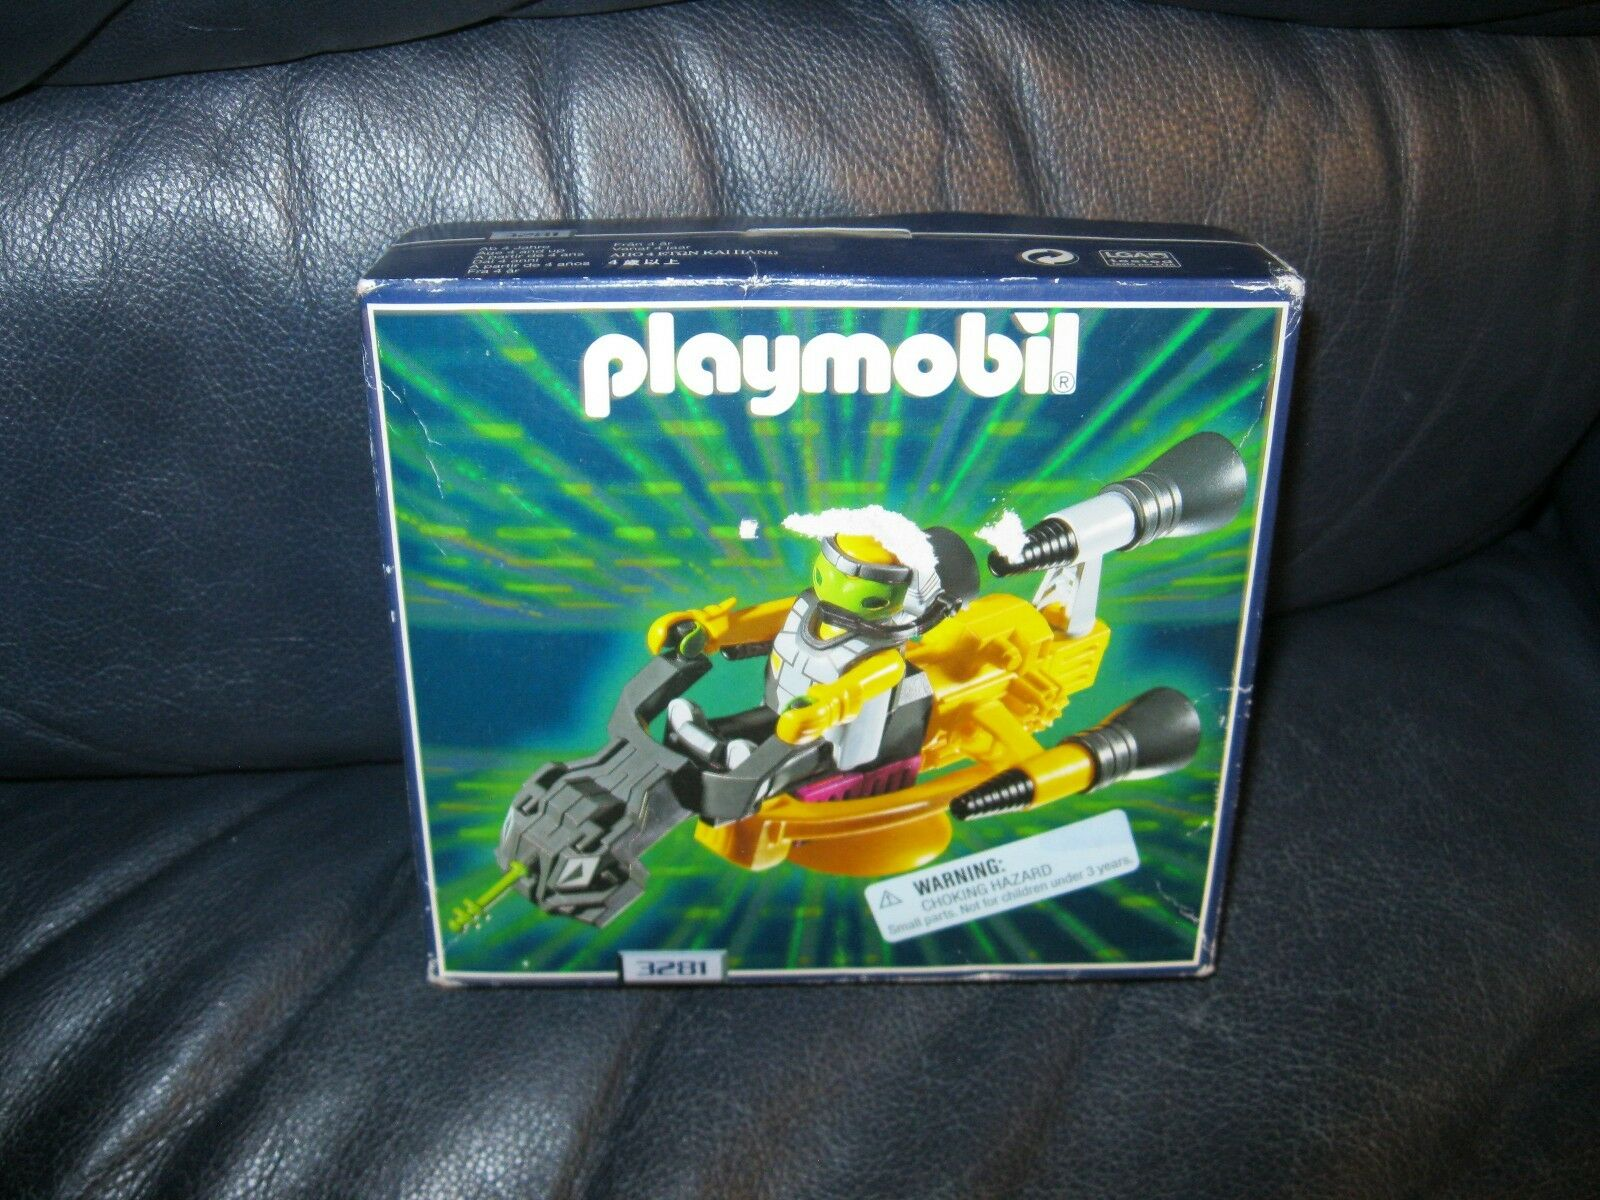 Playmobil 3281 alien - gleiter neue versiegelt